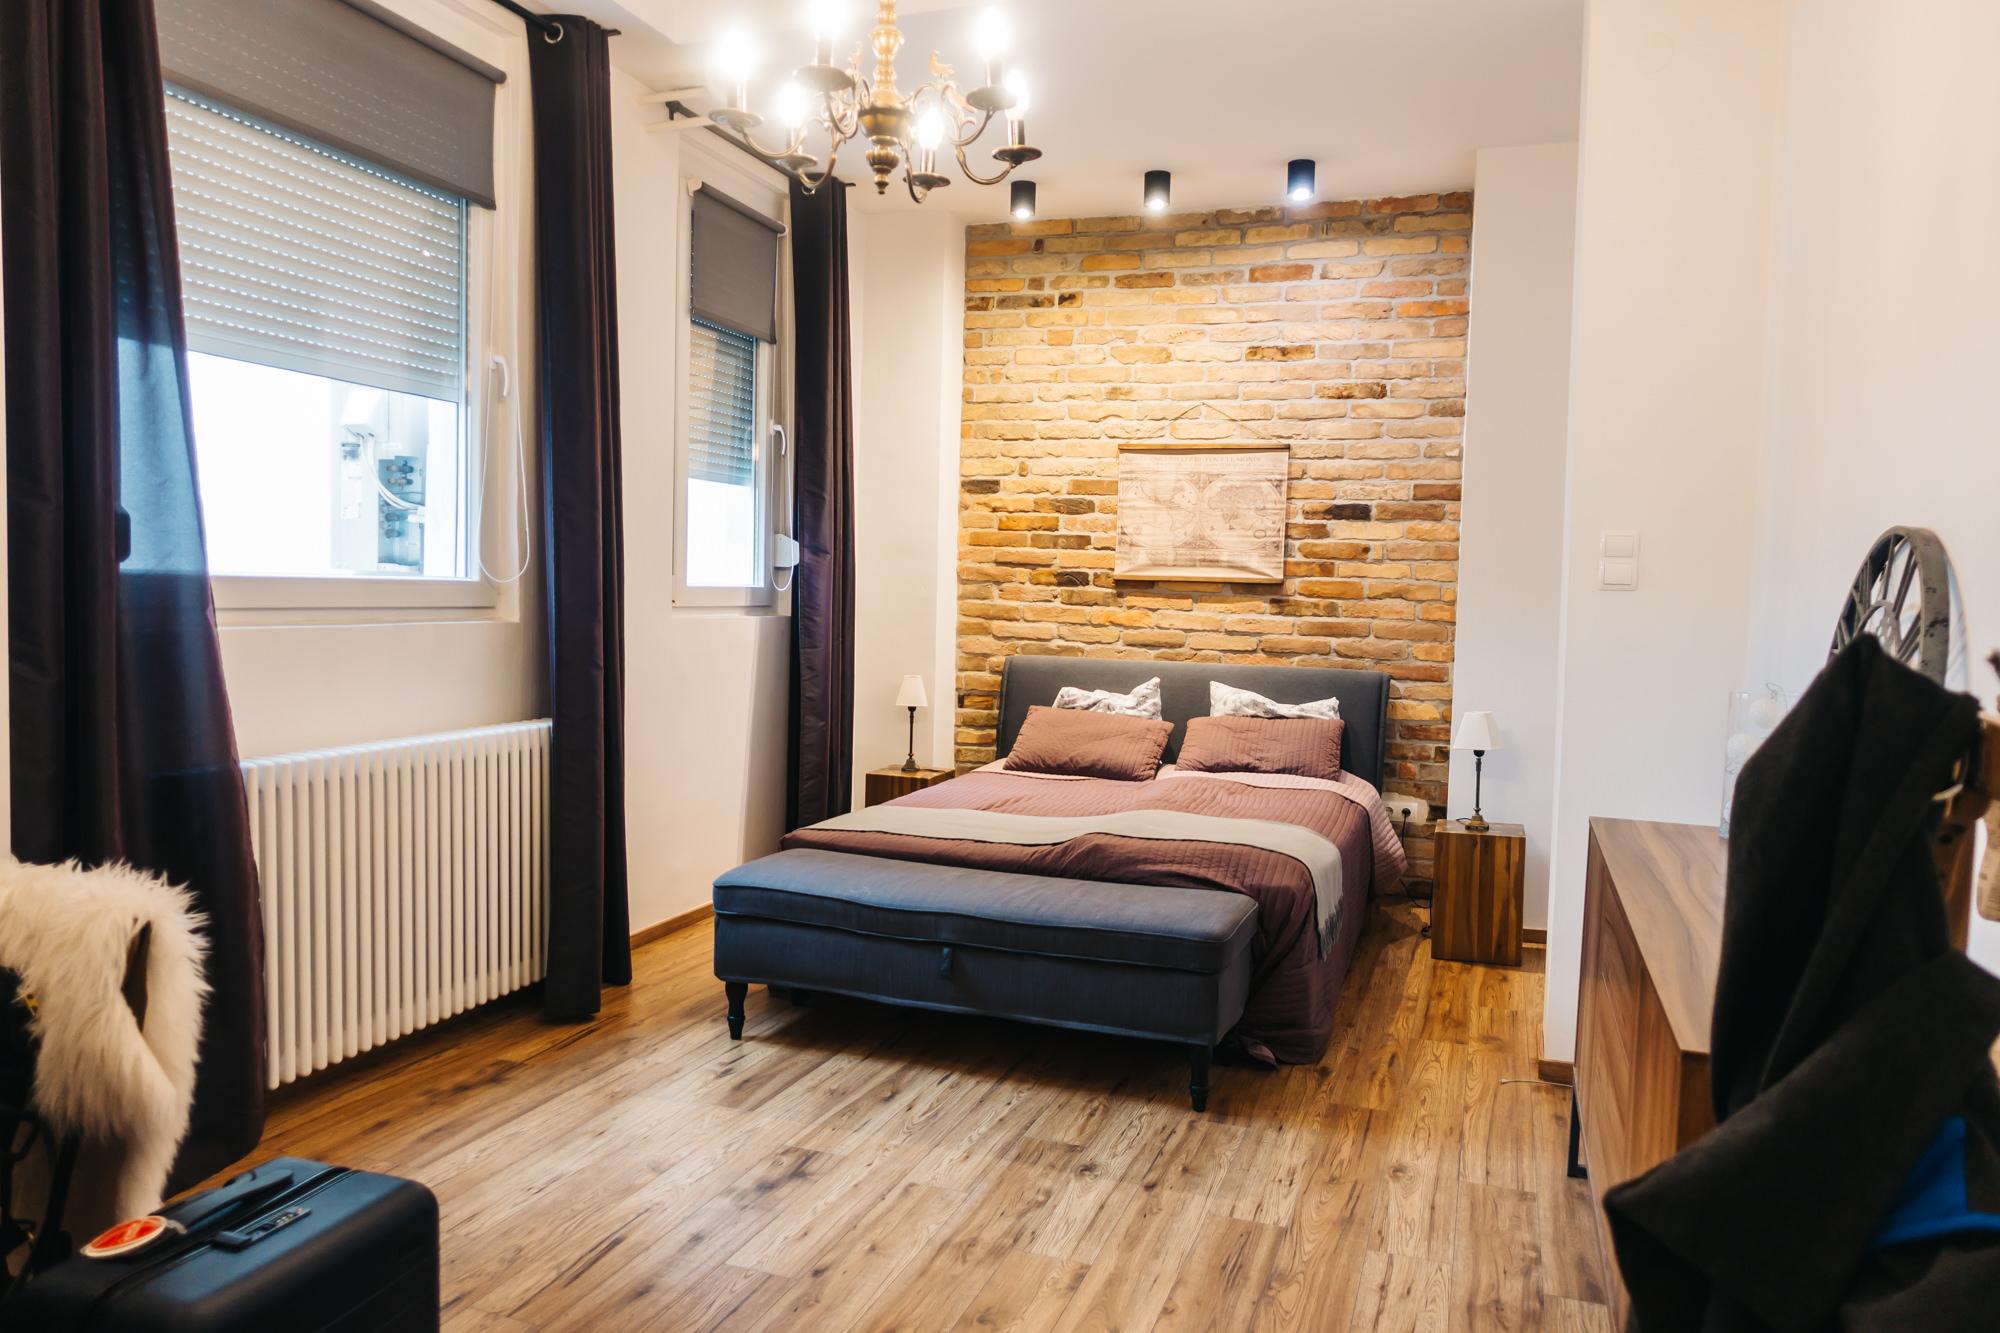 Soundproof bedroom